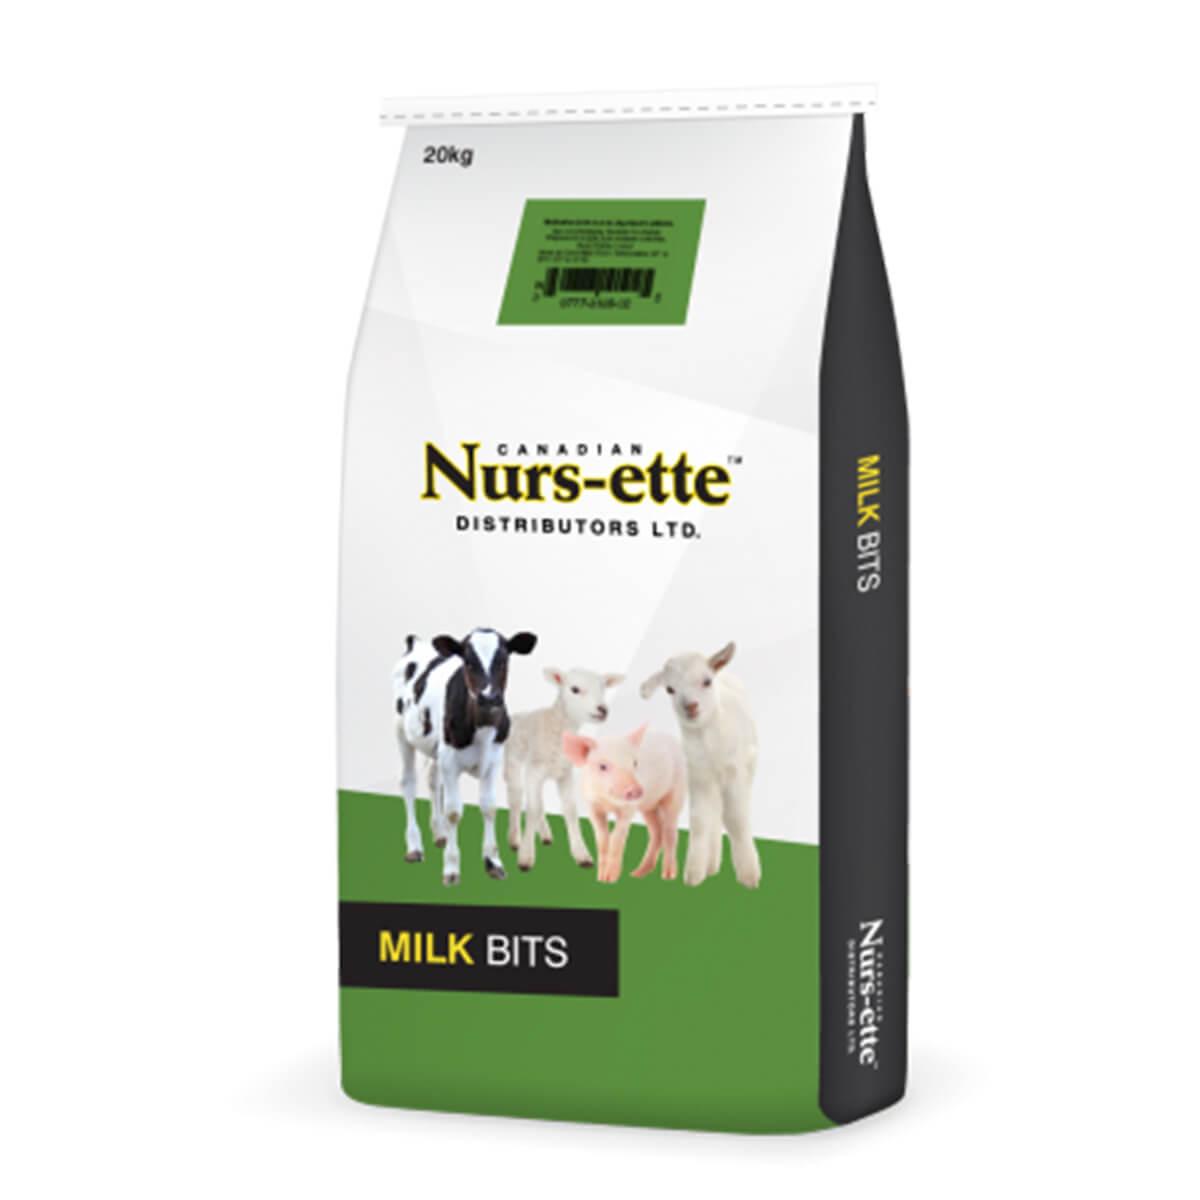 Calf Milk Bit Pellets, 10 kg